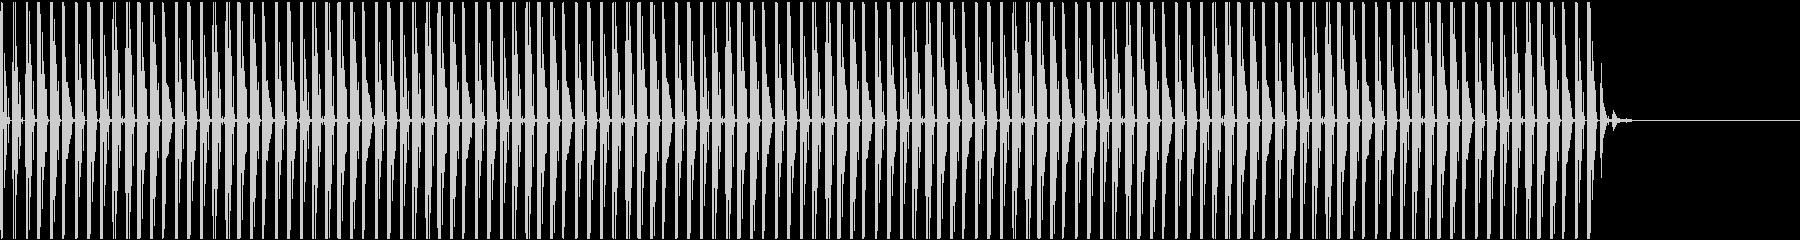 バトル(ゲーム・ドラマ電子ビート)の未再生の波形